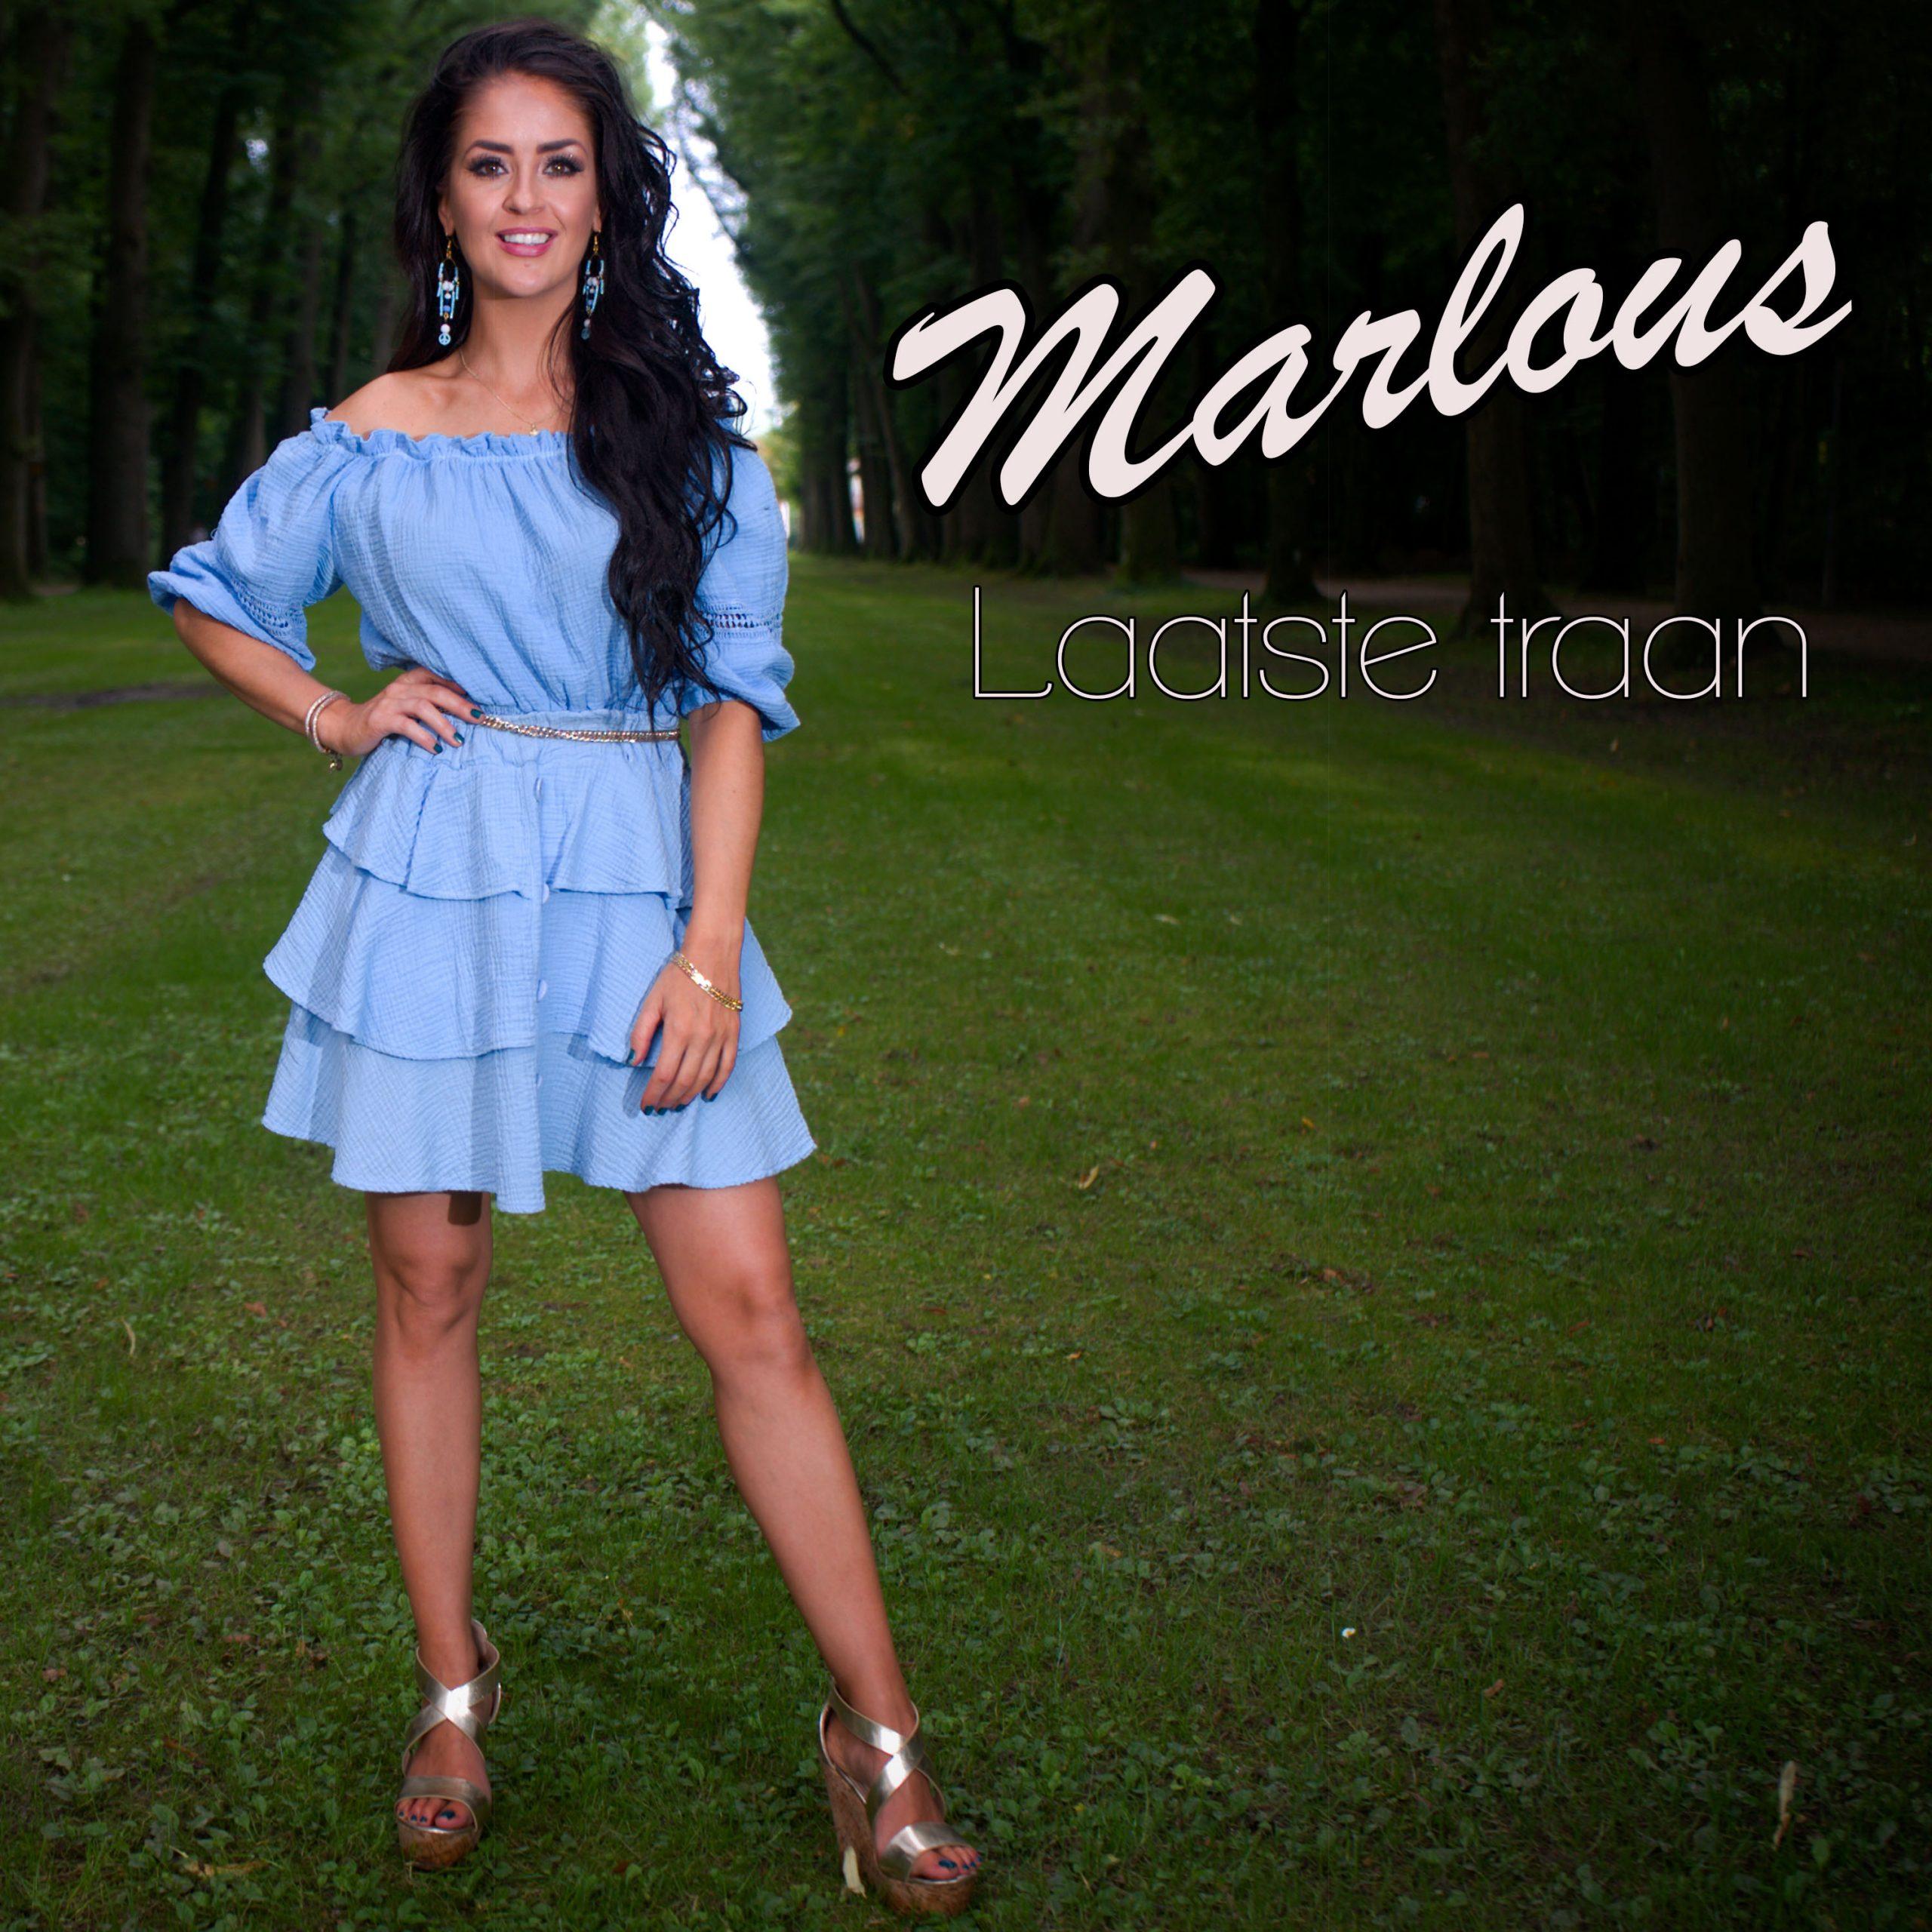 Marlous - Laatste traan